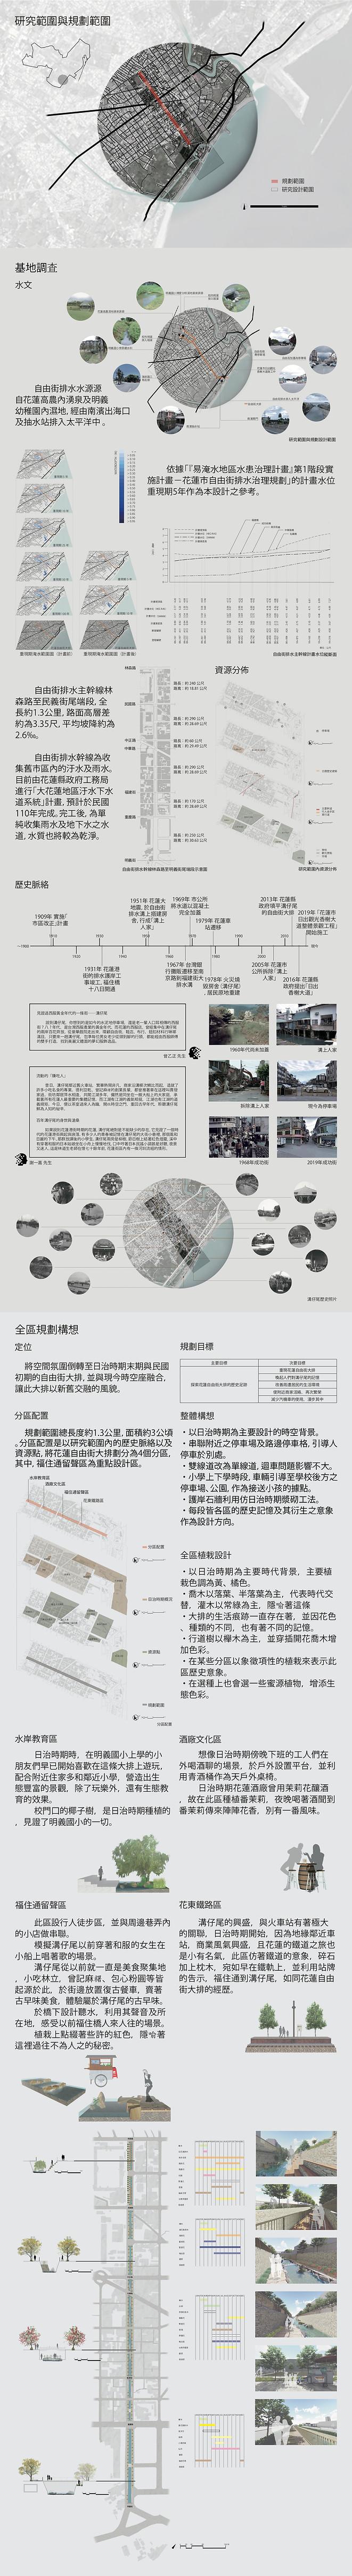 溝仔尾日誌   探索花蓮自由街大排歷史足跡-作品內容.jpg